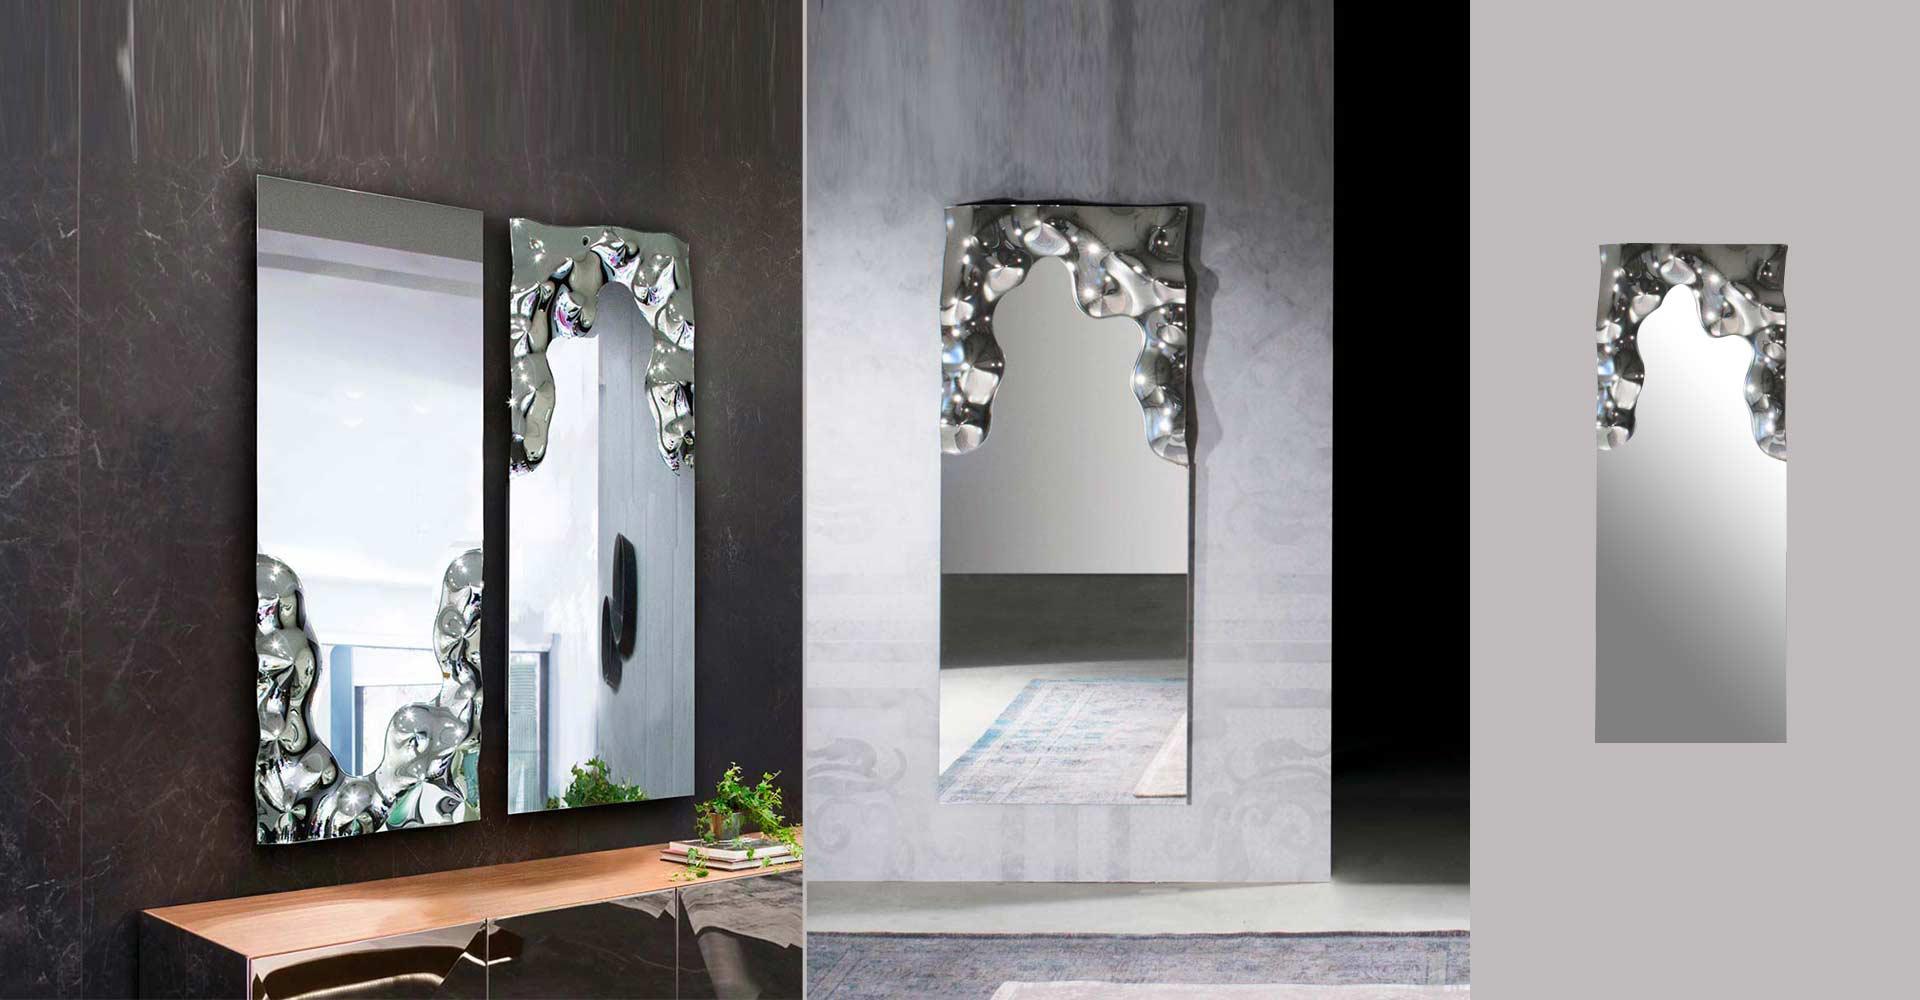 Venere specchi riflessi ginocchi arredamenti - Venere allo specchio ...